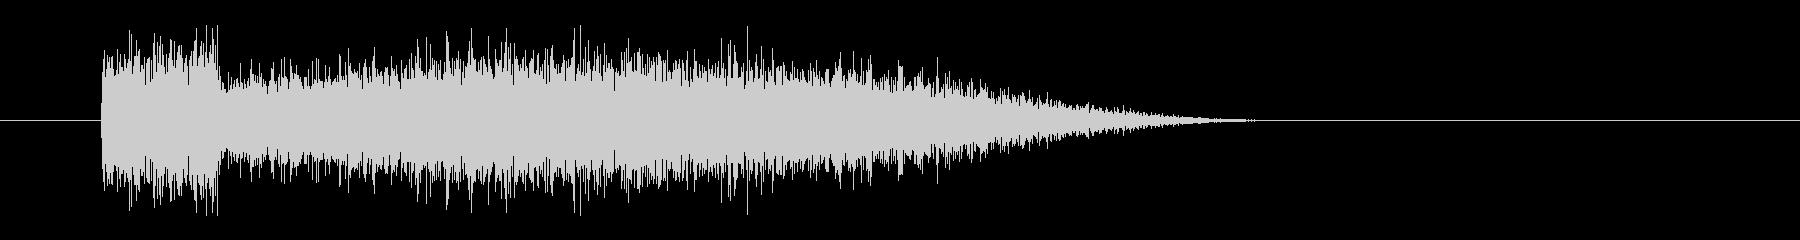 レーザー音-72-3の未再生の波形